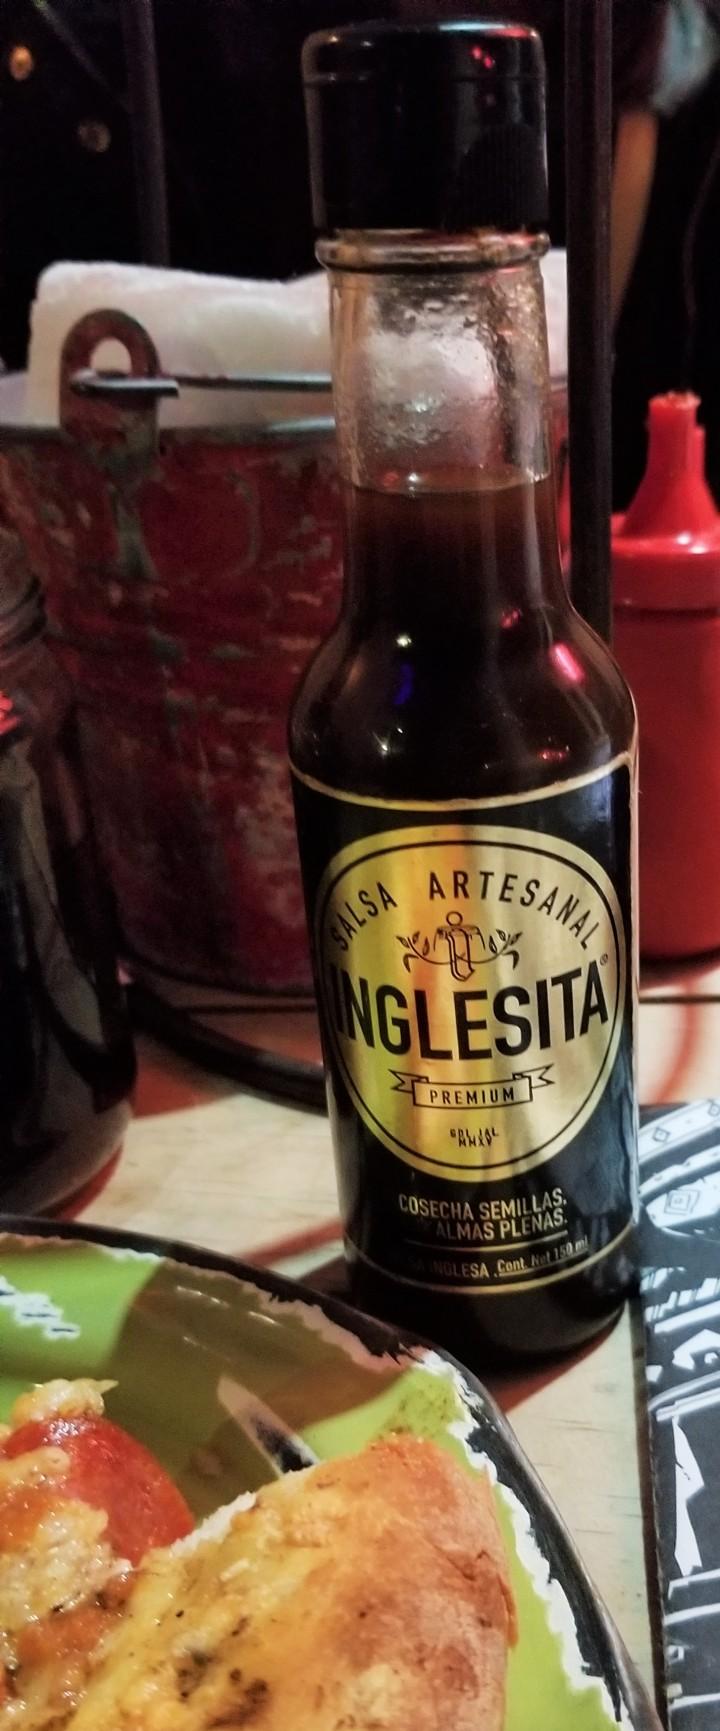 005 Inglesita sauce